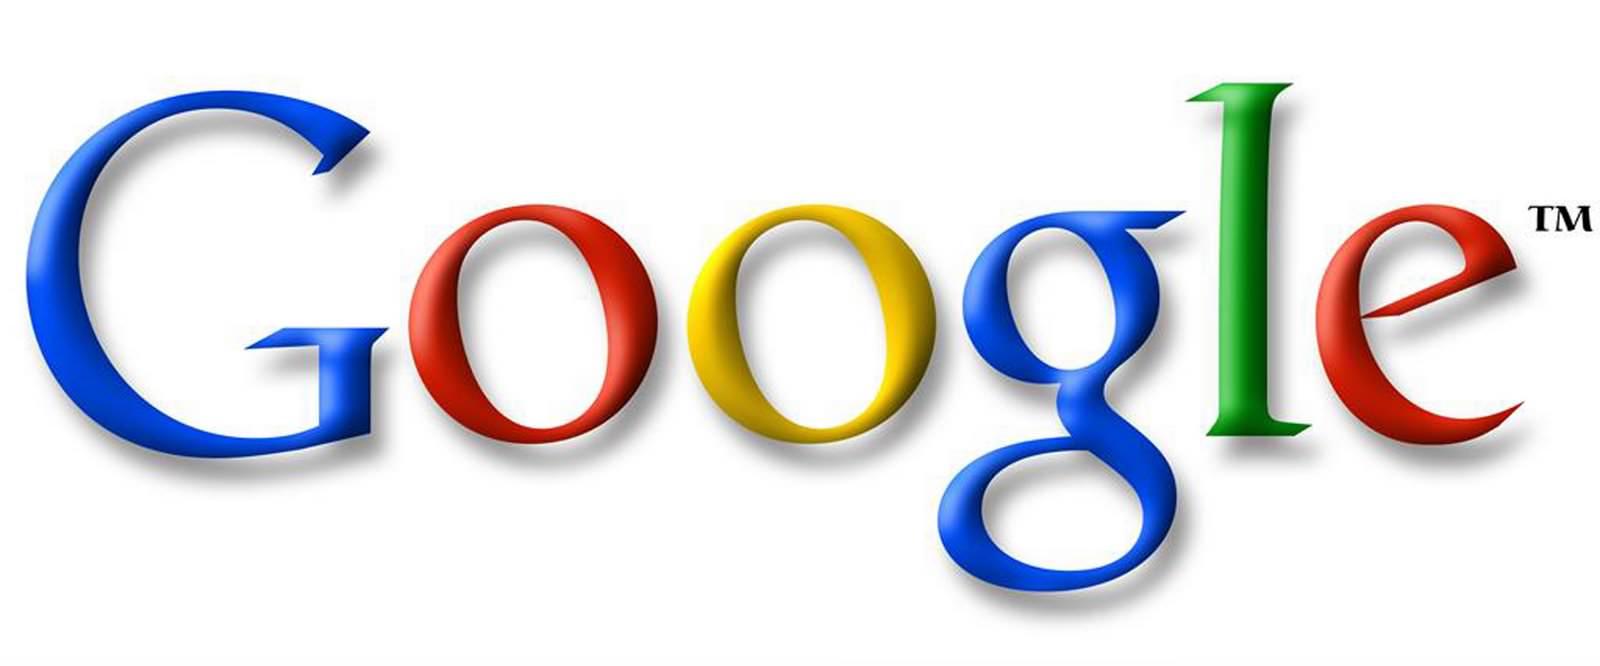 La ley de propiedad intelectual provoca que Google silencie los medios de comunicación